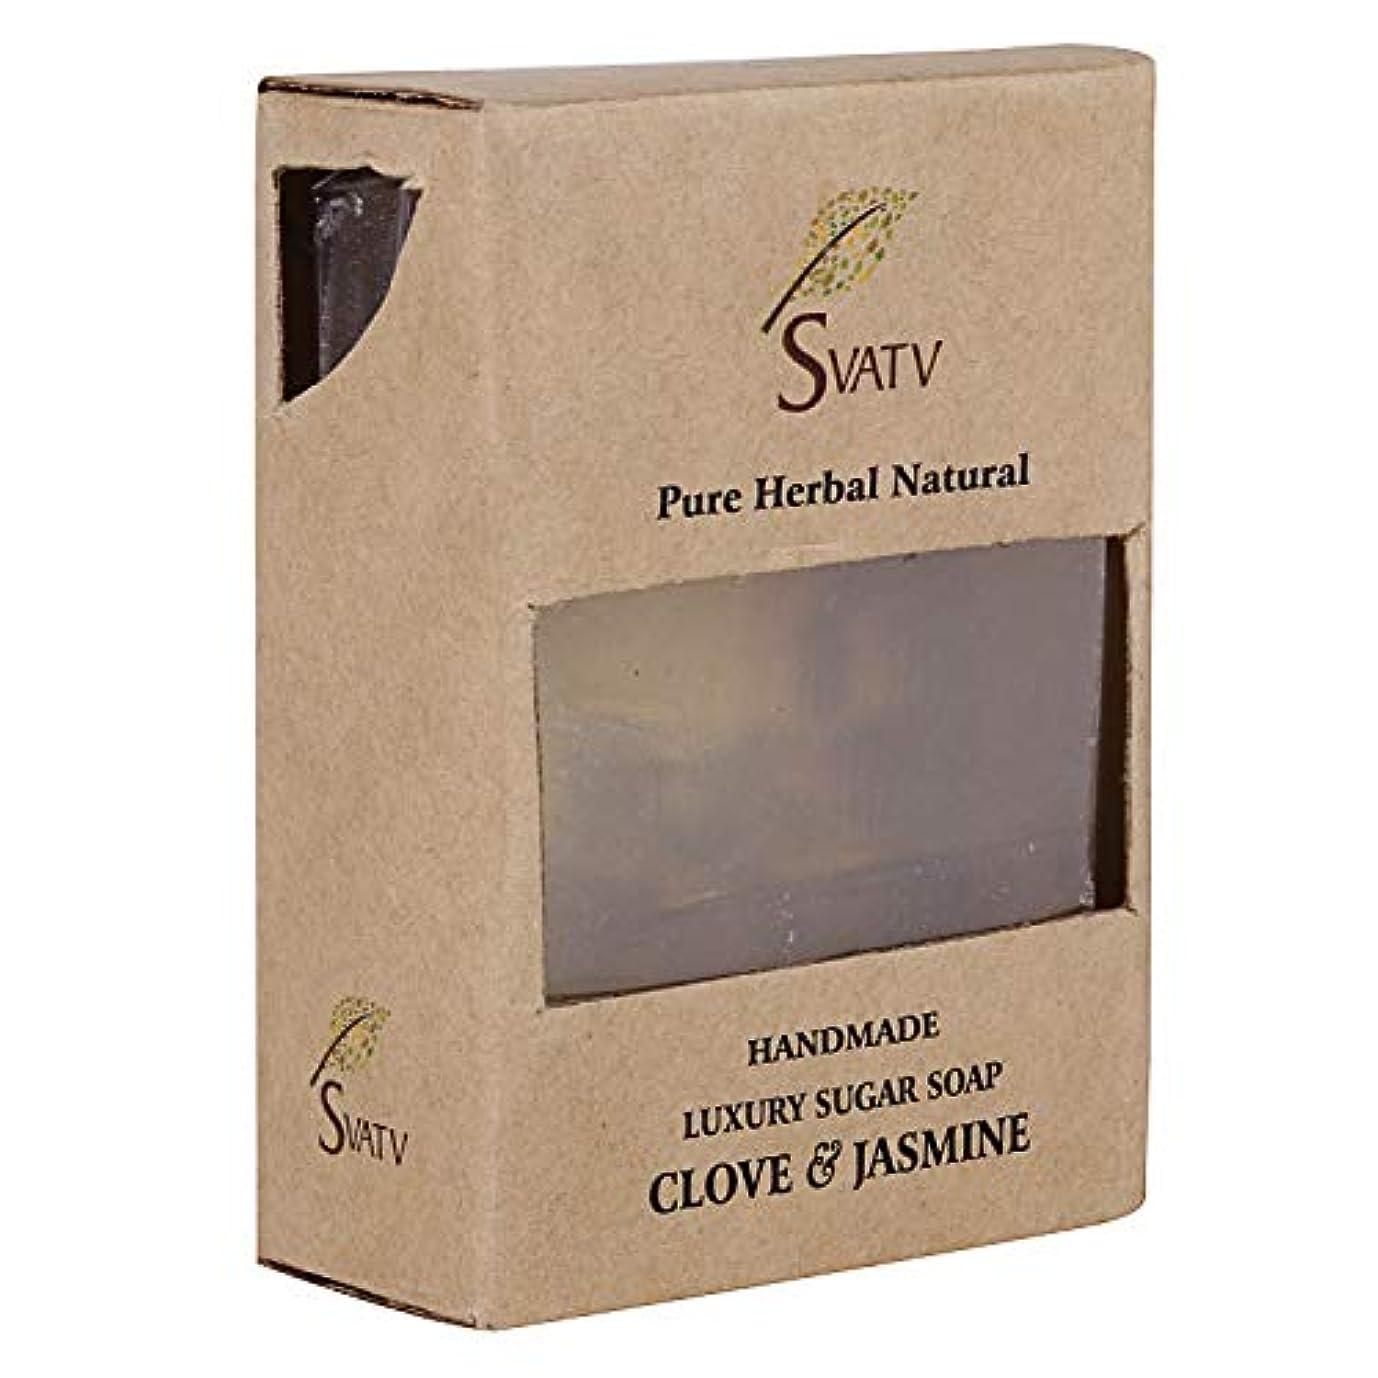 飛躍対応するトレーダーSVATV Handmade Luxury Sugar Natural Soap ll Clove & Jasmine ll For All Skin types 100g Bar ll Kosher Certified